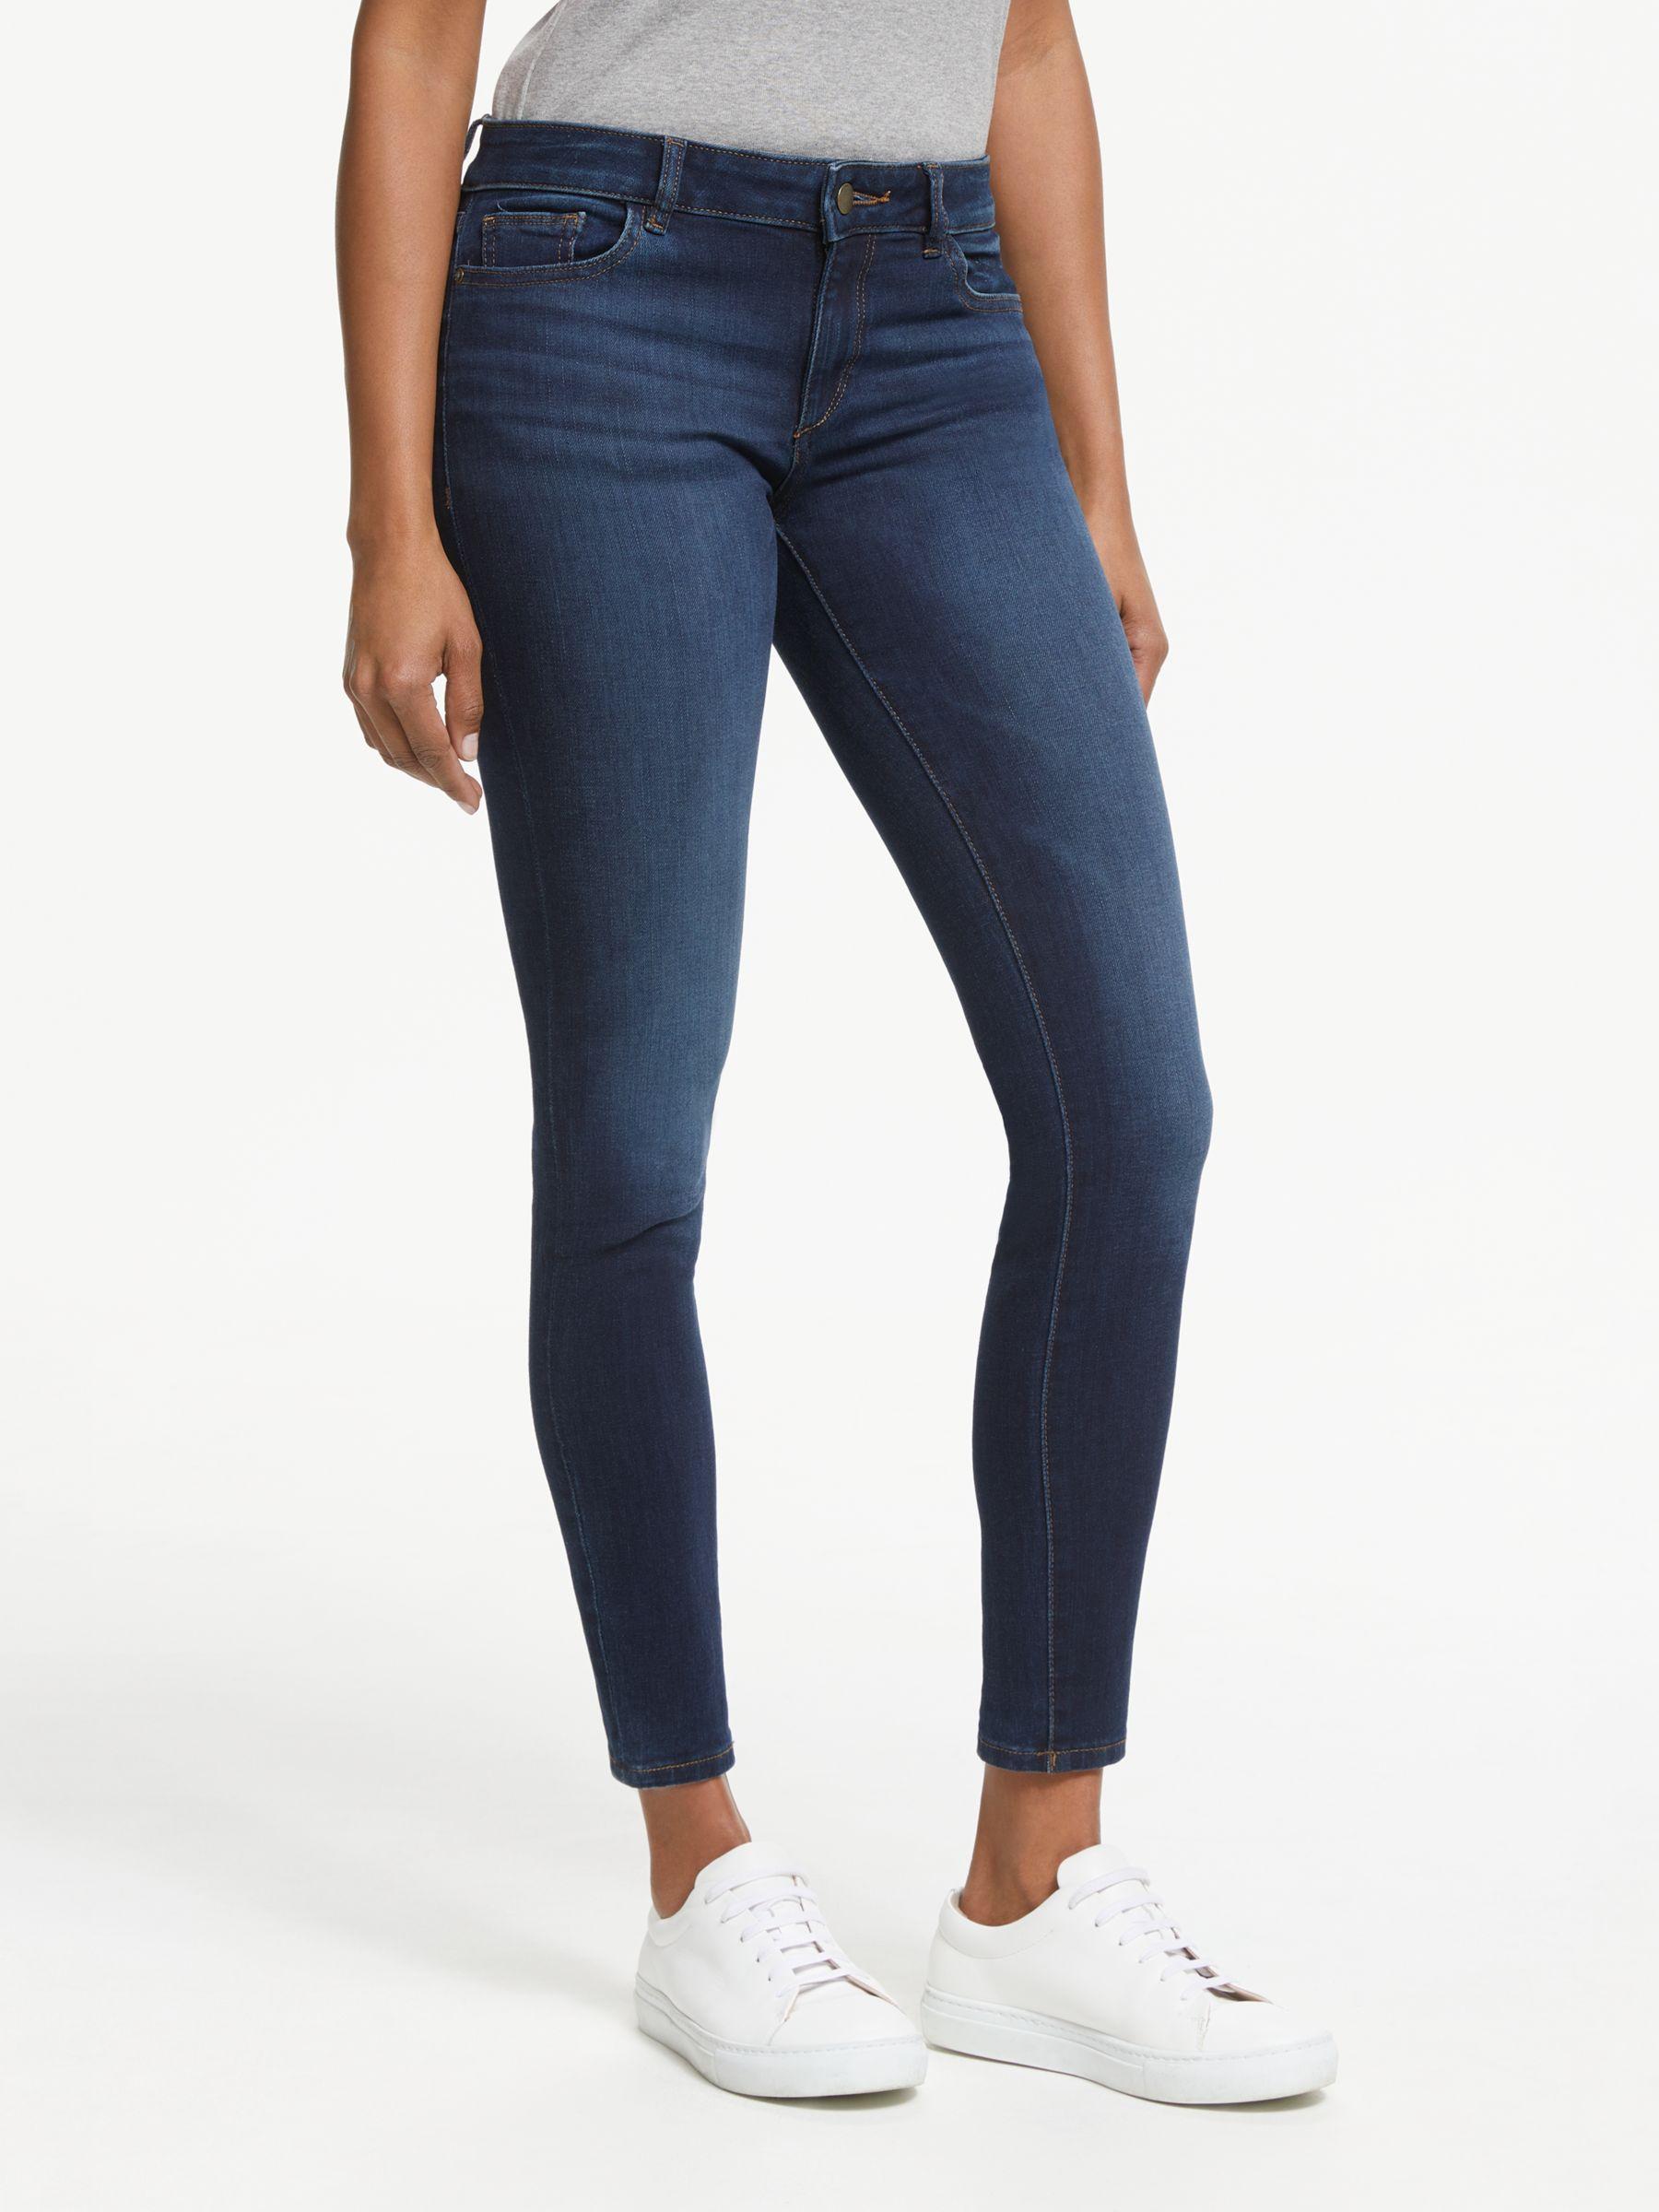 DL1961 DL1961 Florence Mid Rise Skinny Jeans, Warner